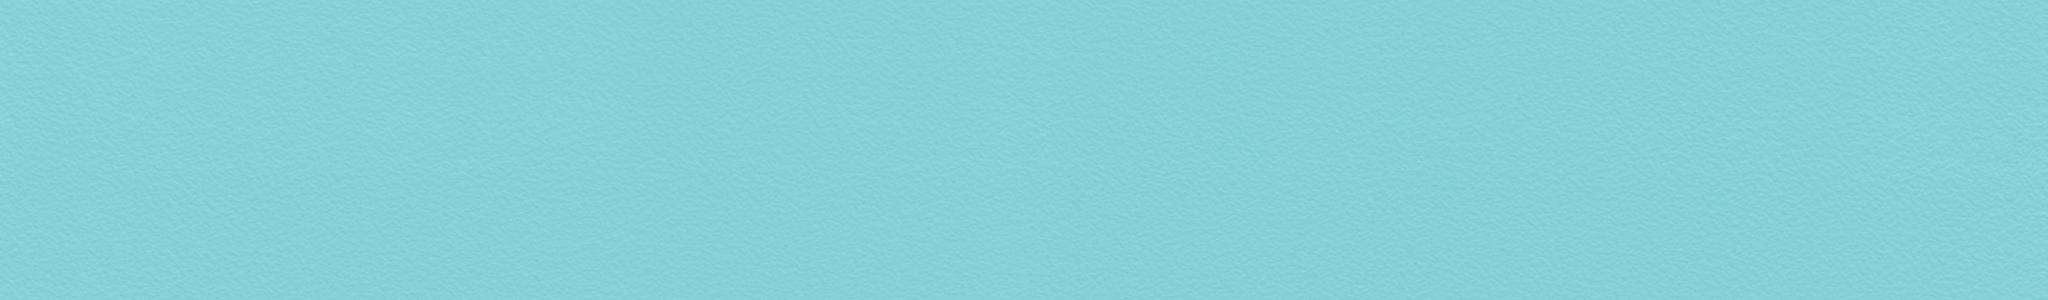 HU 158500 Кромка ABS Синий Патрас - Шагрень XG